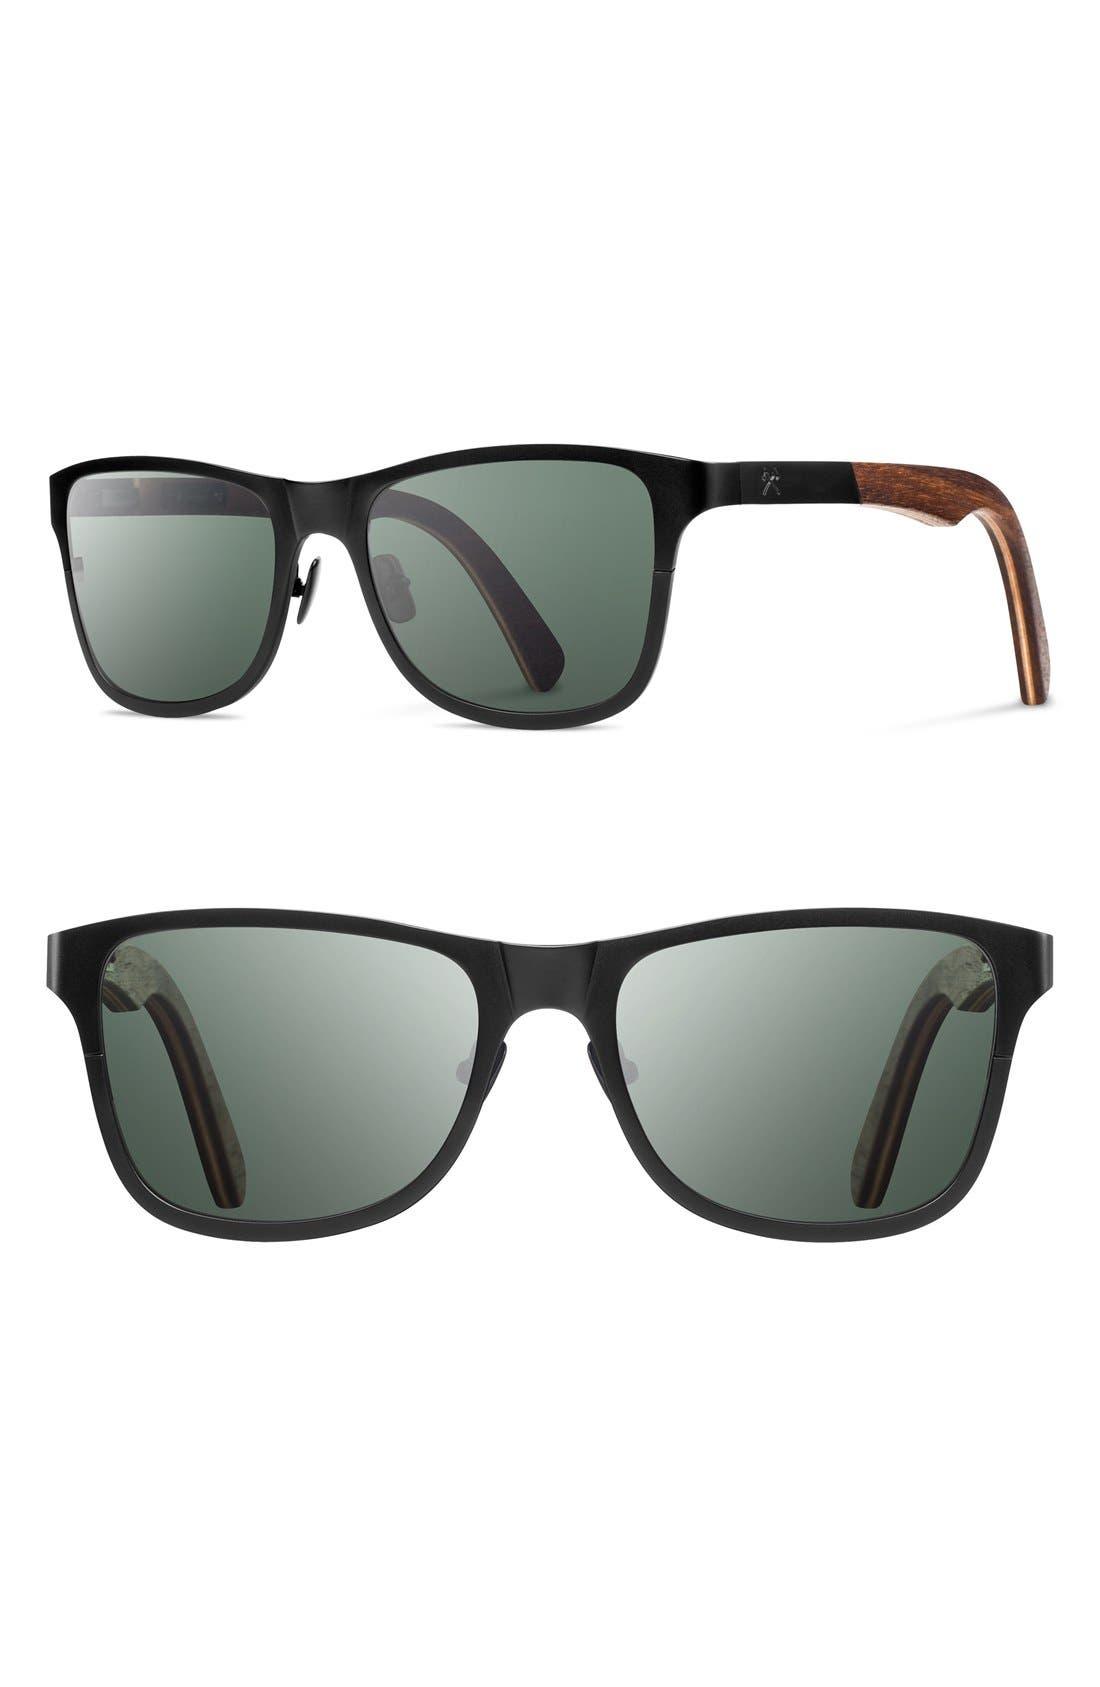 Shwood 'Canby' 54mm Polarized Titanium & Wood Sunglasses ...